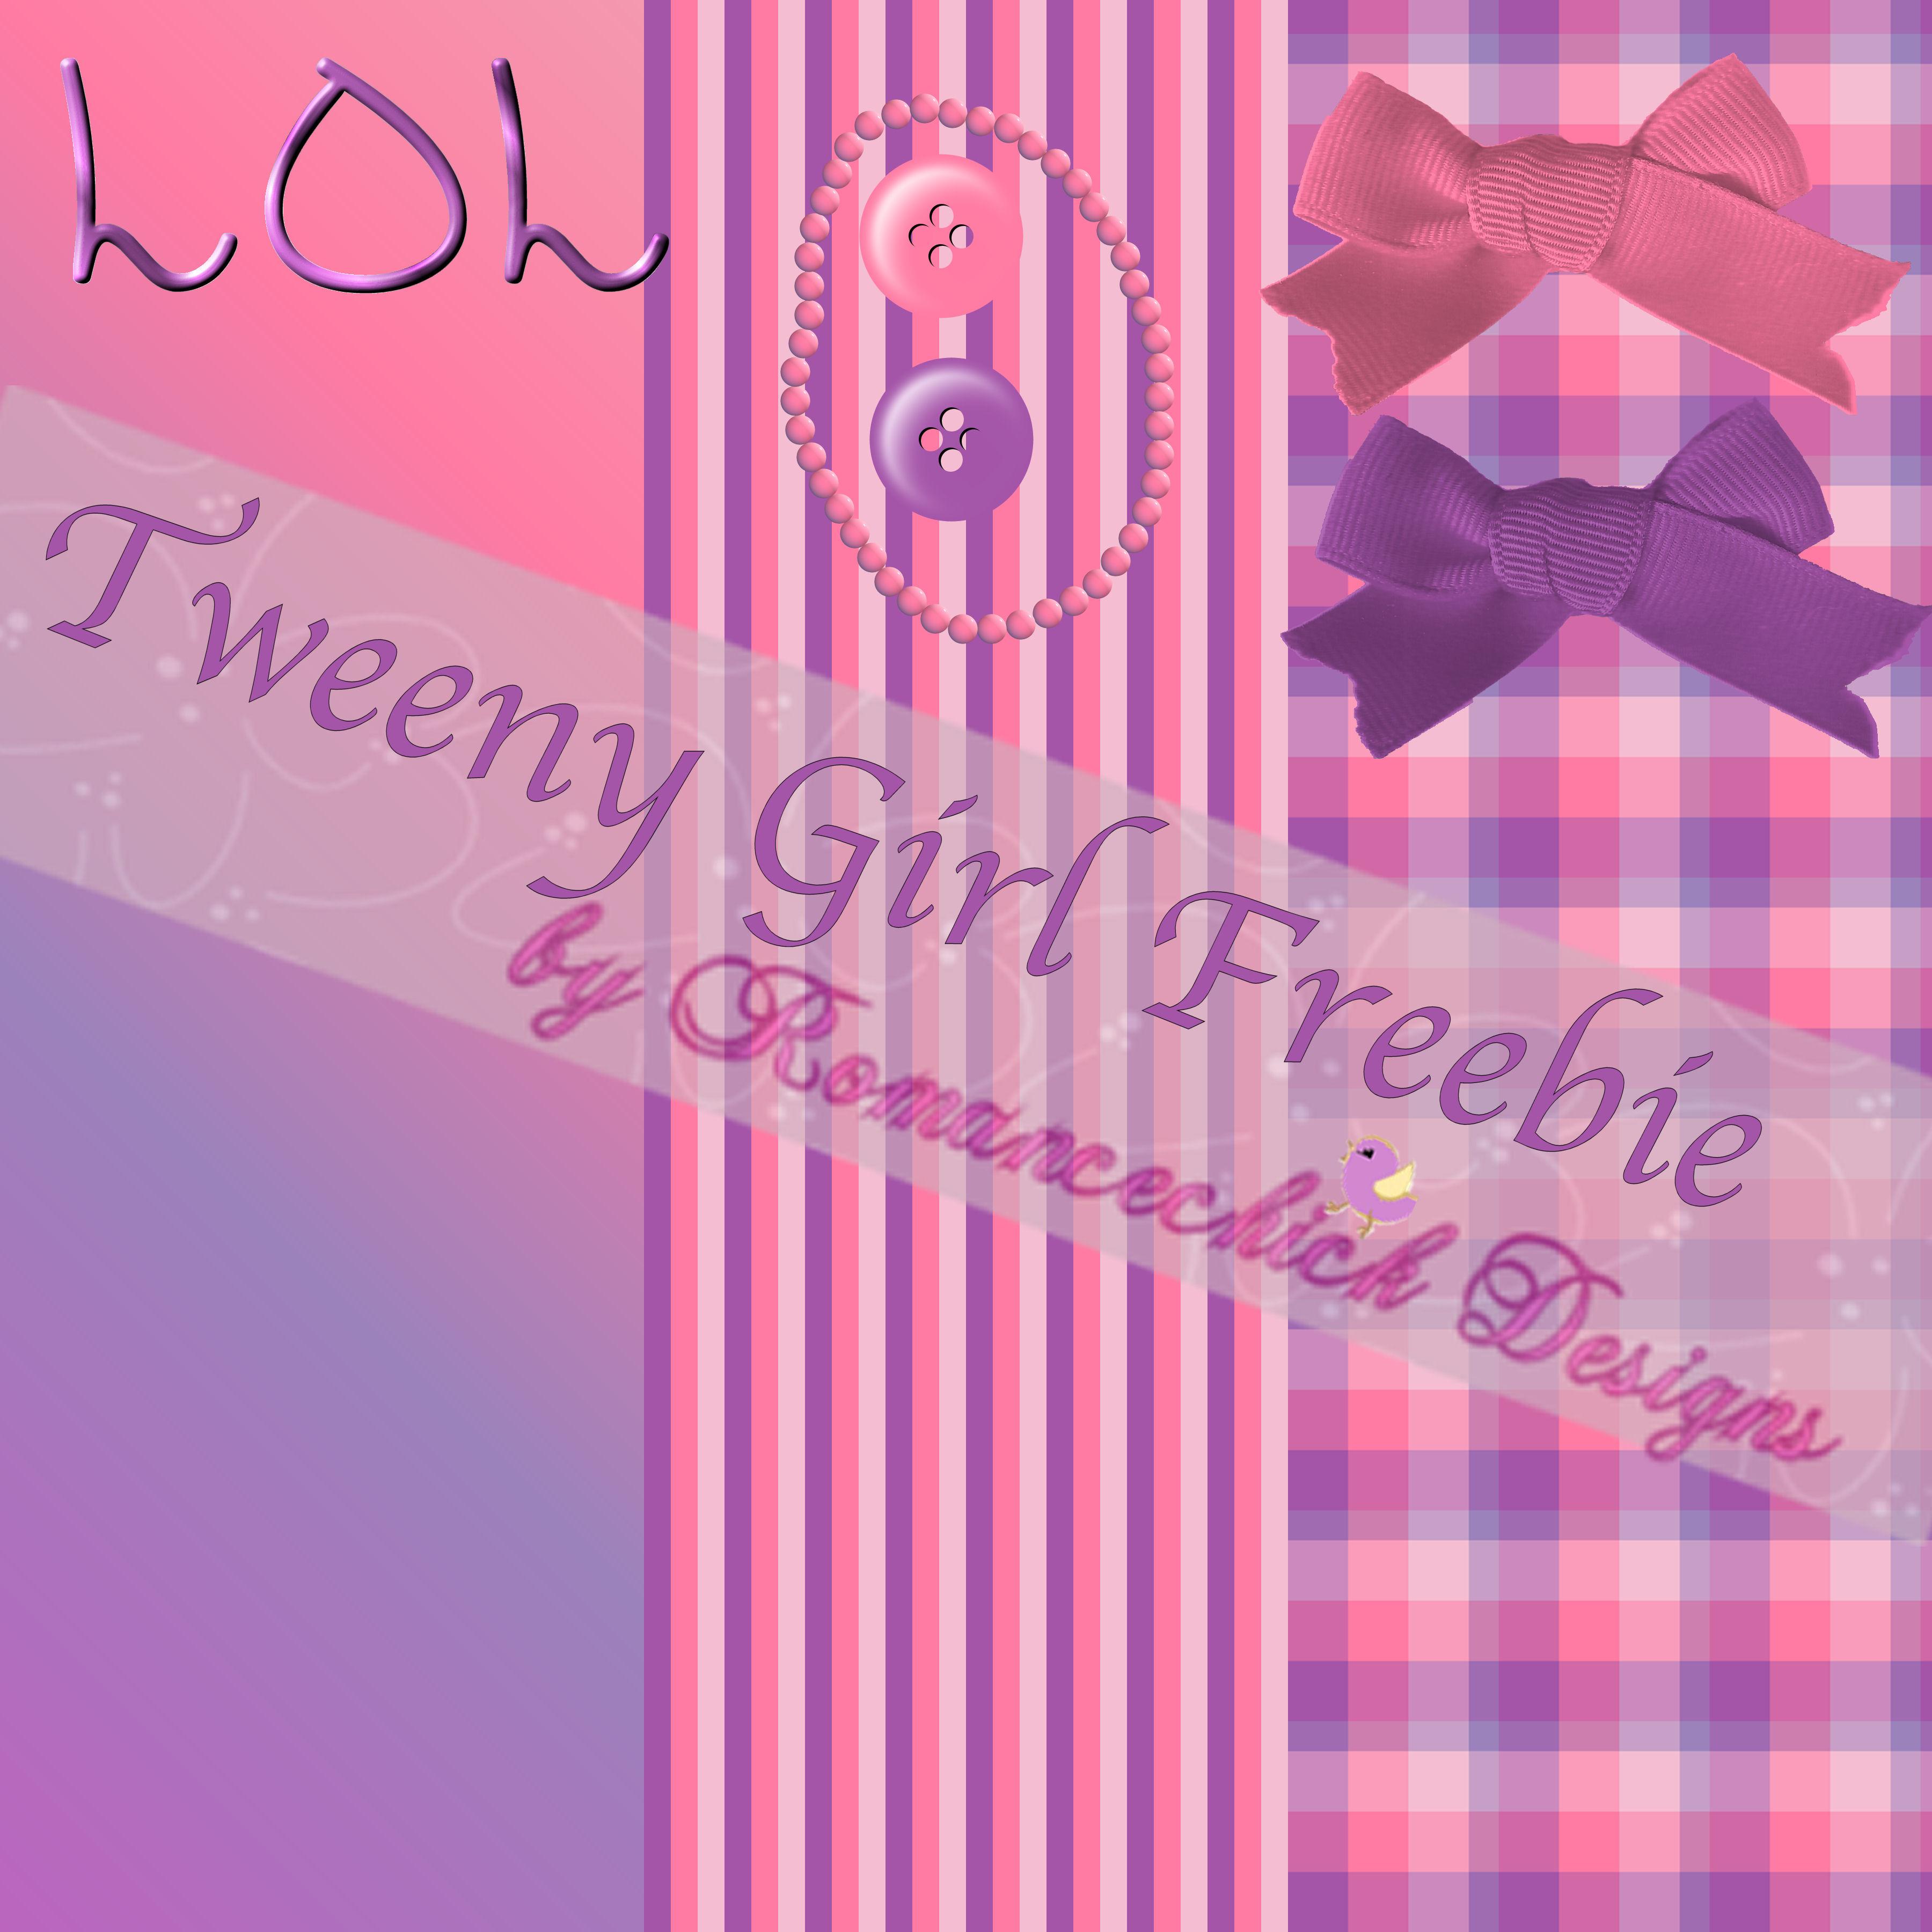 Tweeny Girl Add-on Freebie